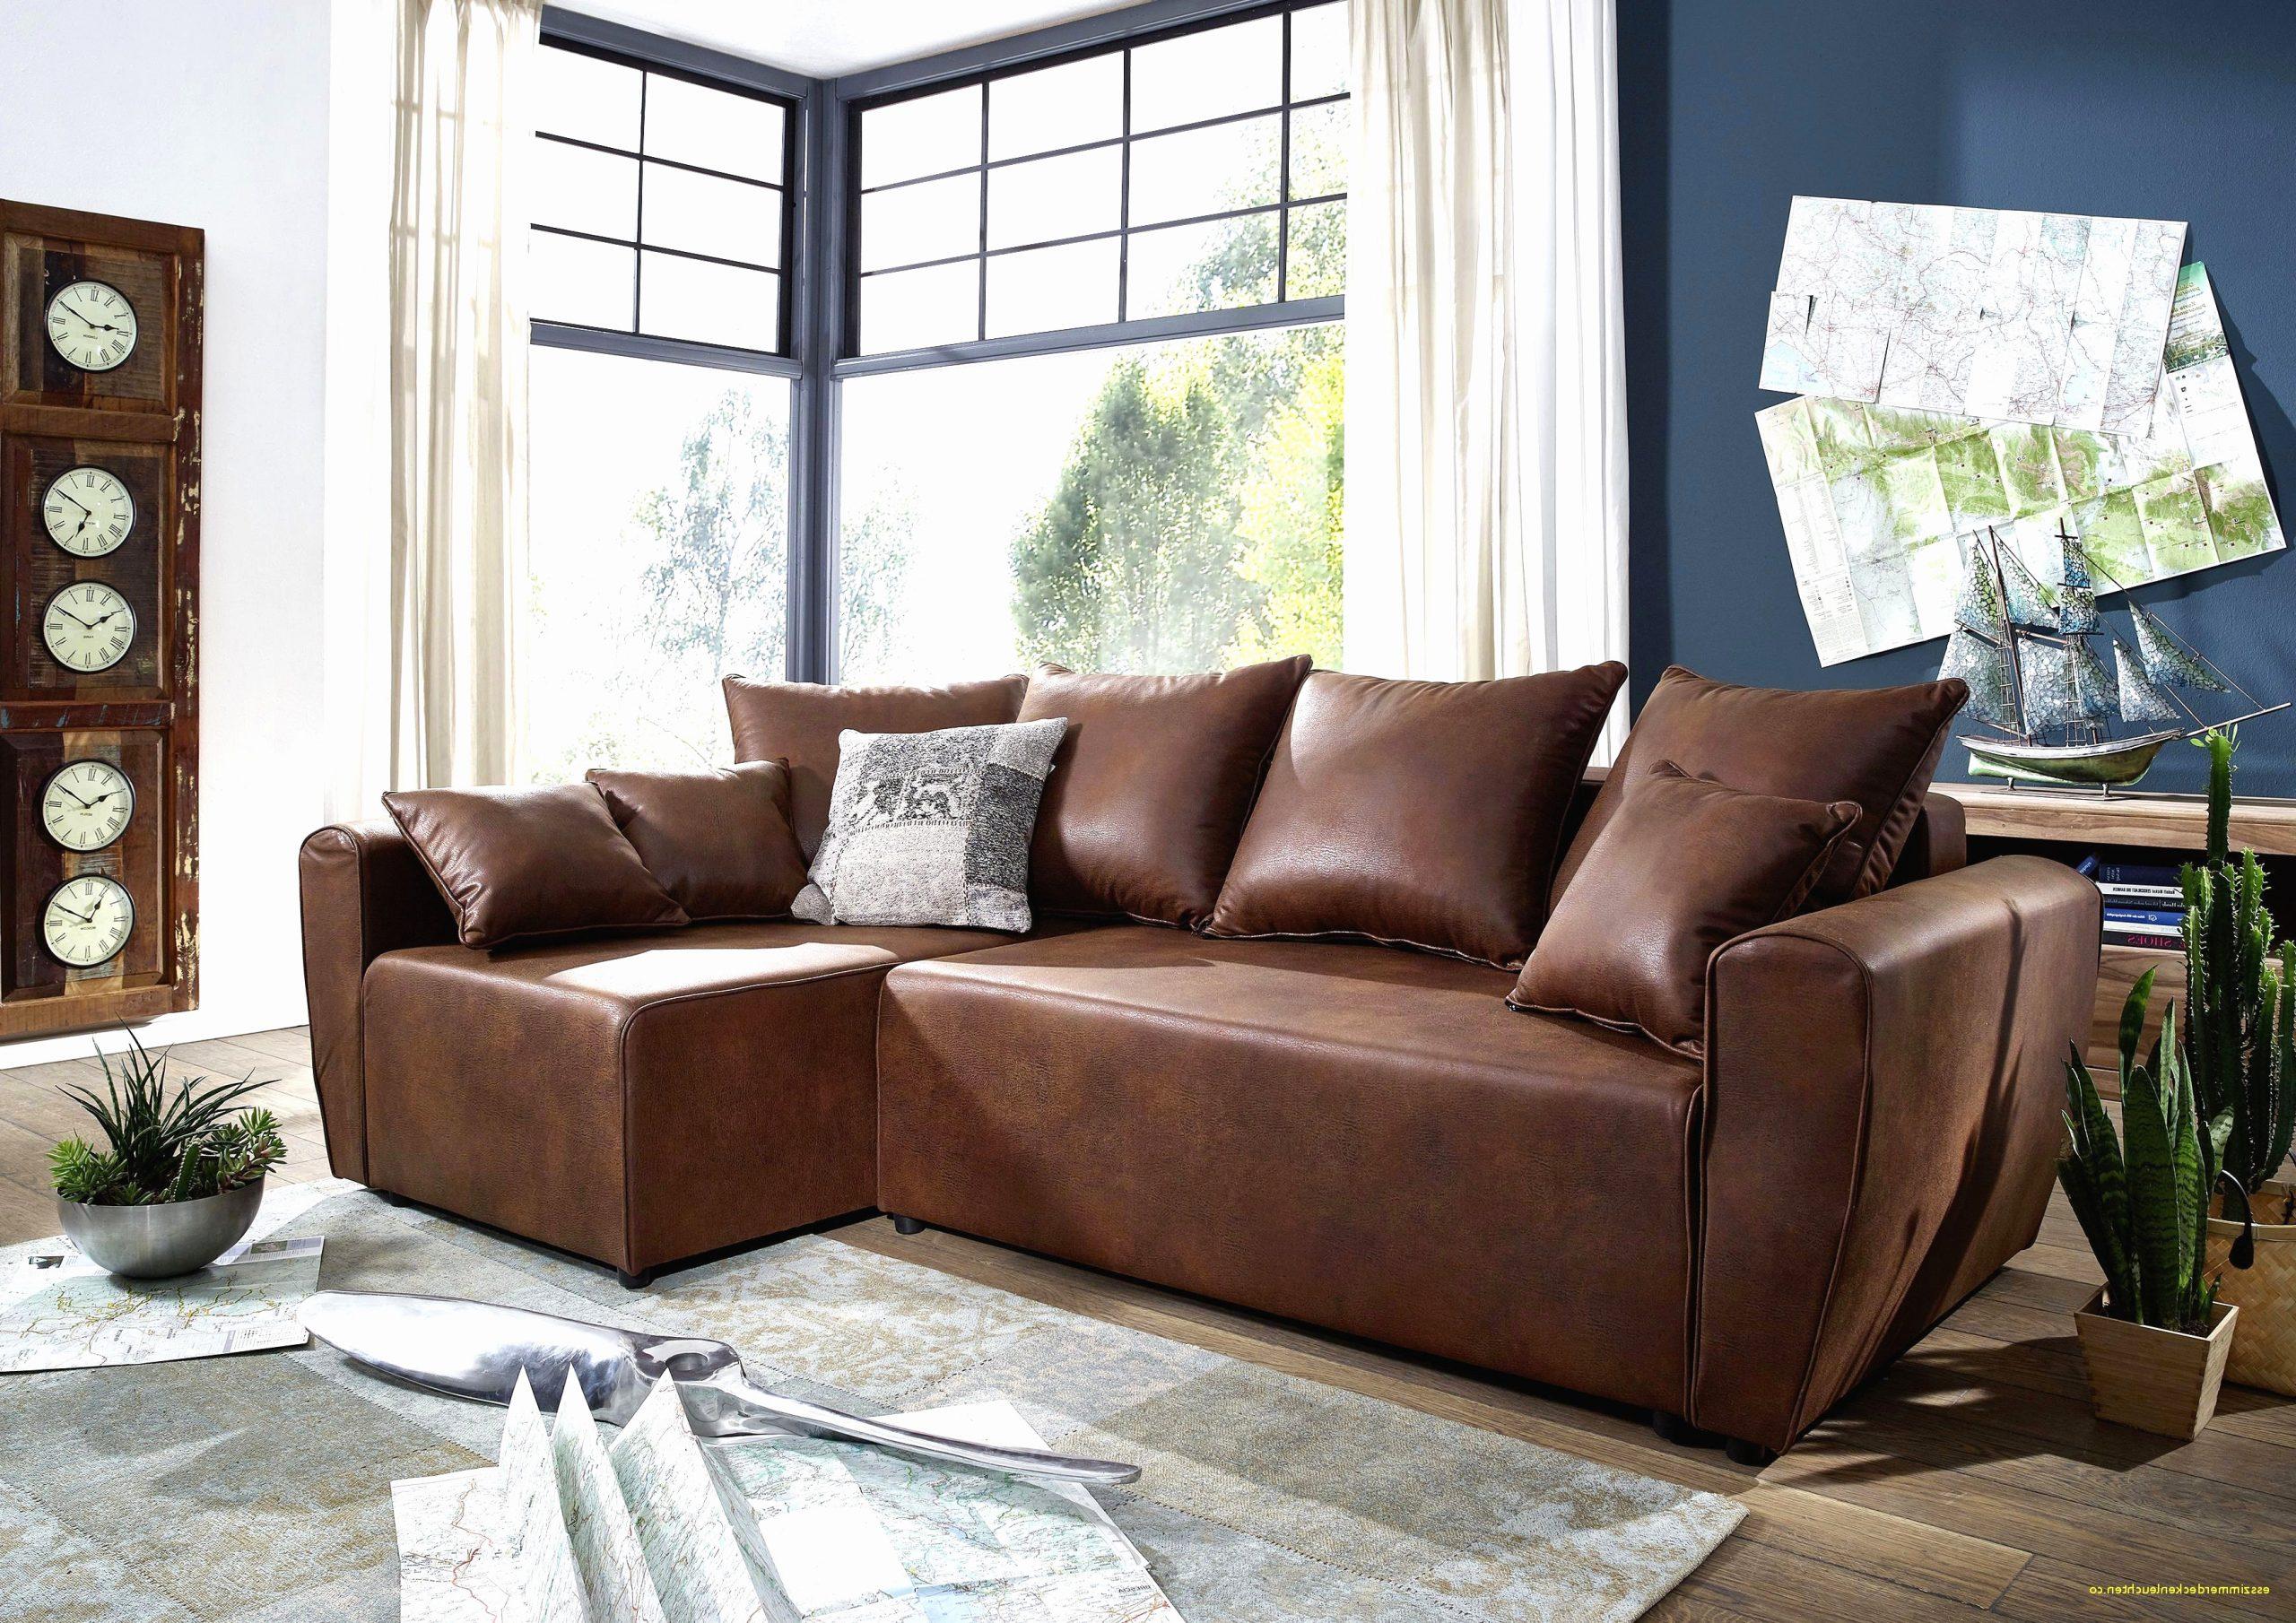 Full Size of Sessel Bequem Schön Tolle Sessel Wohnzimmer Phantasievolle Iw1cfsdz Wohnzimmer Wohnzimmer Sessel